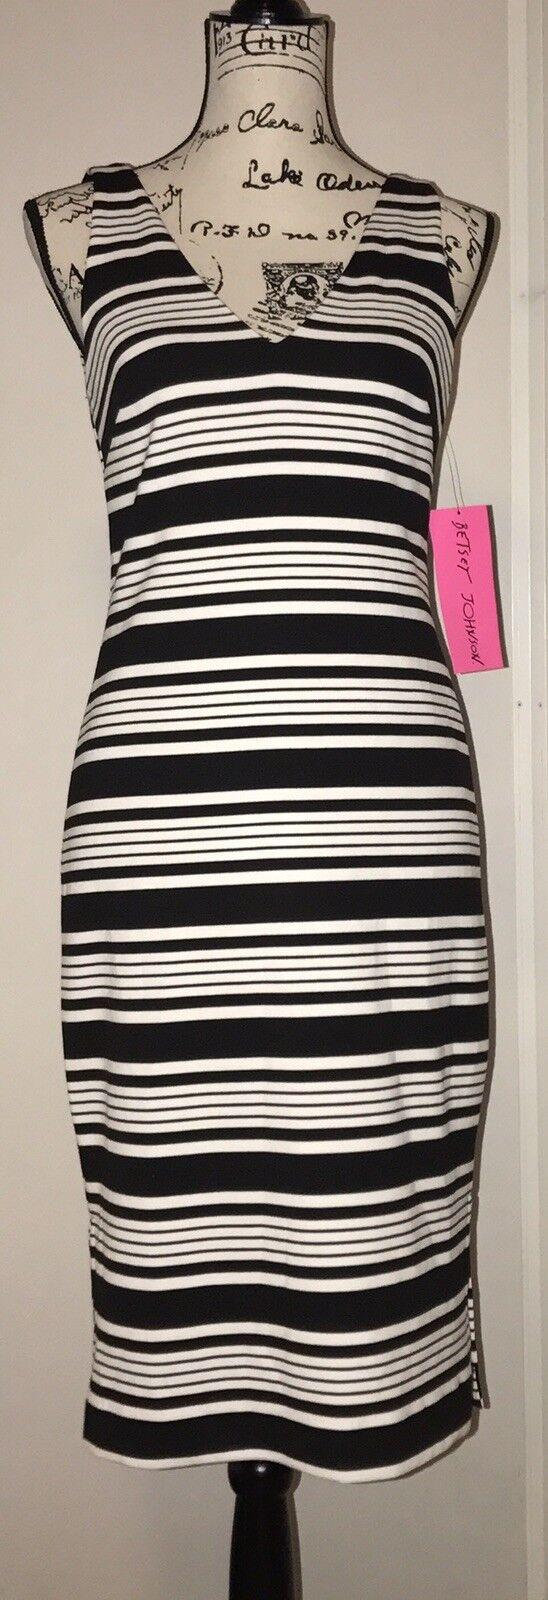 Betsey Johnson schwarz And Weiß Striped Sheath Dress Größe 2